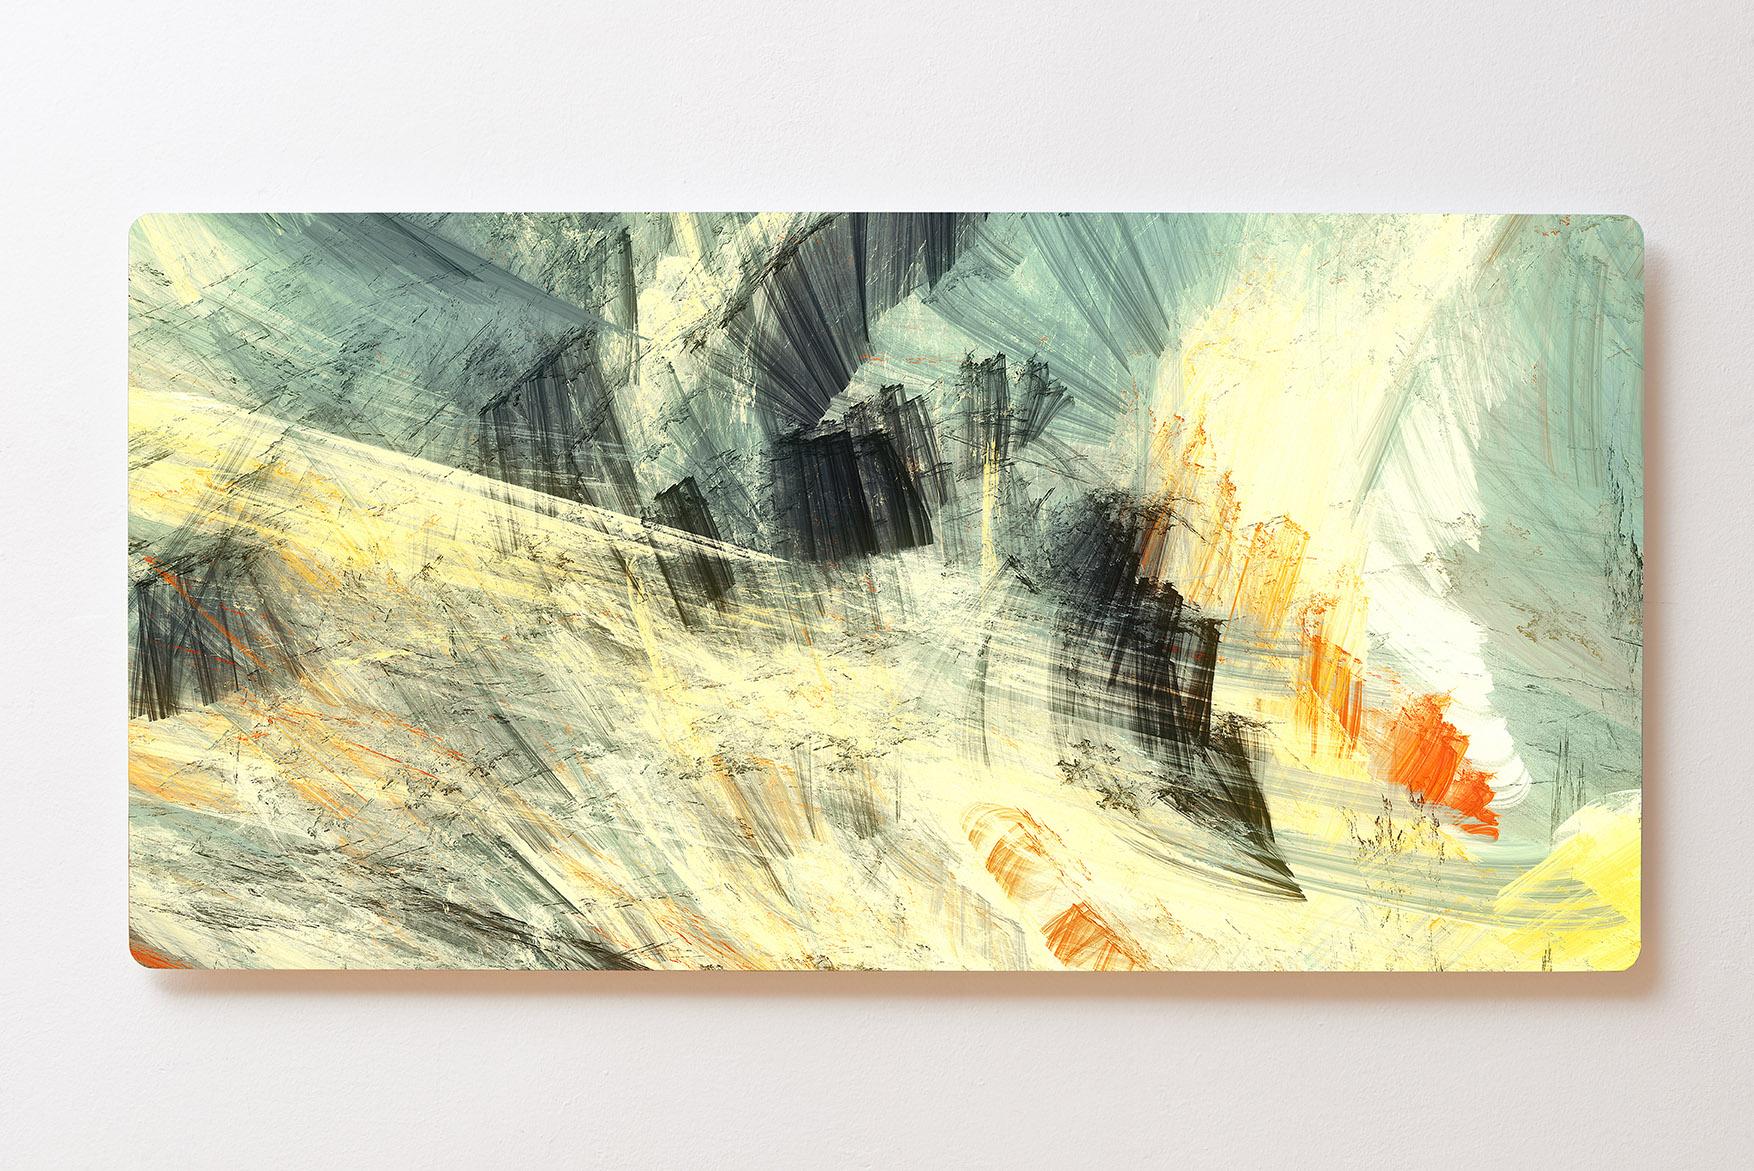 Magnettafel BACKLIGHT 120x60cm Motiv-Wandbild M128 Abstrakt Kunst